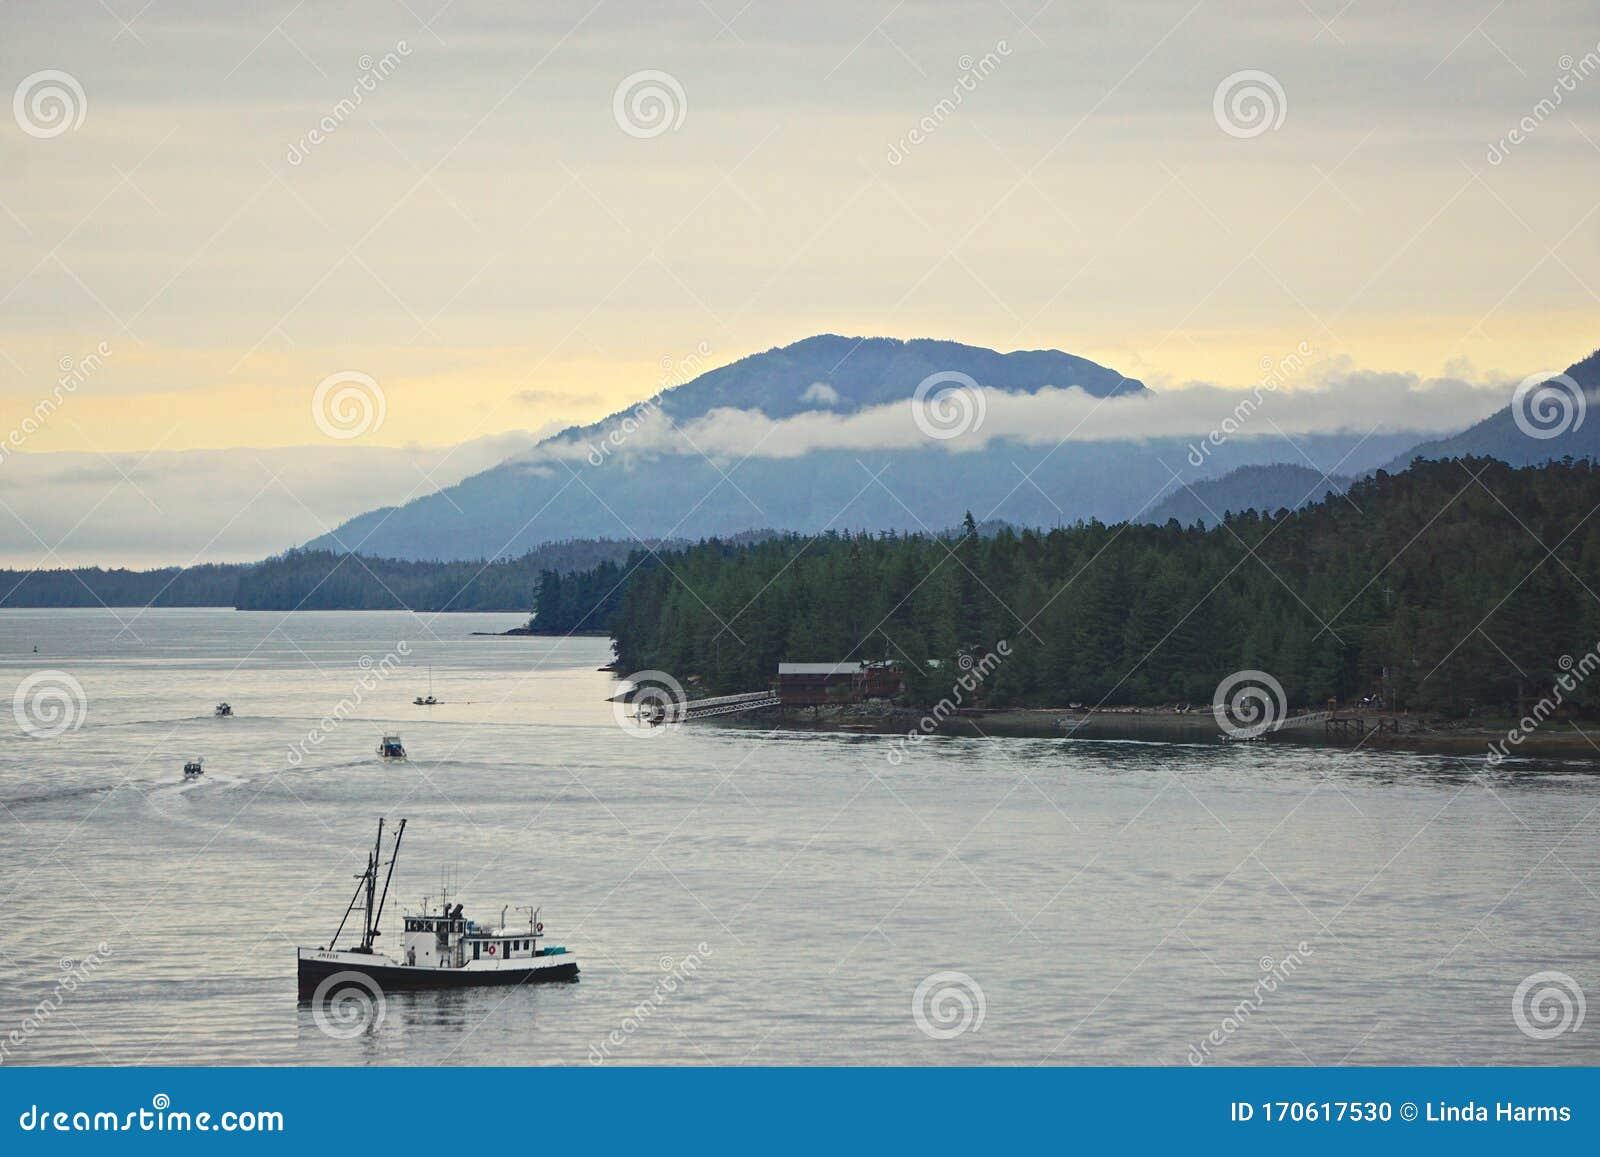 Snorkle Ketchikans Tongass Narrows, Ketchikan, Alaska